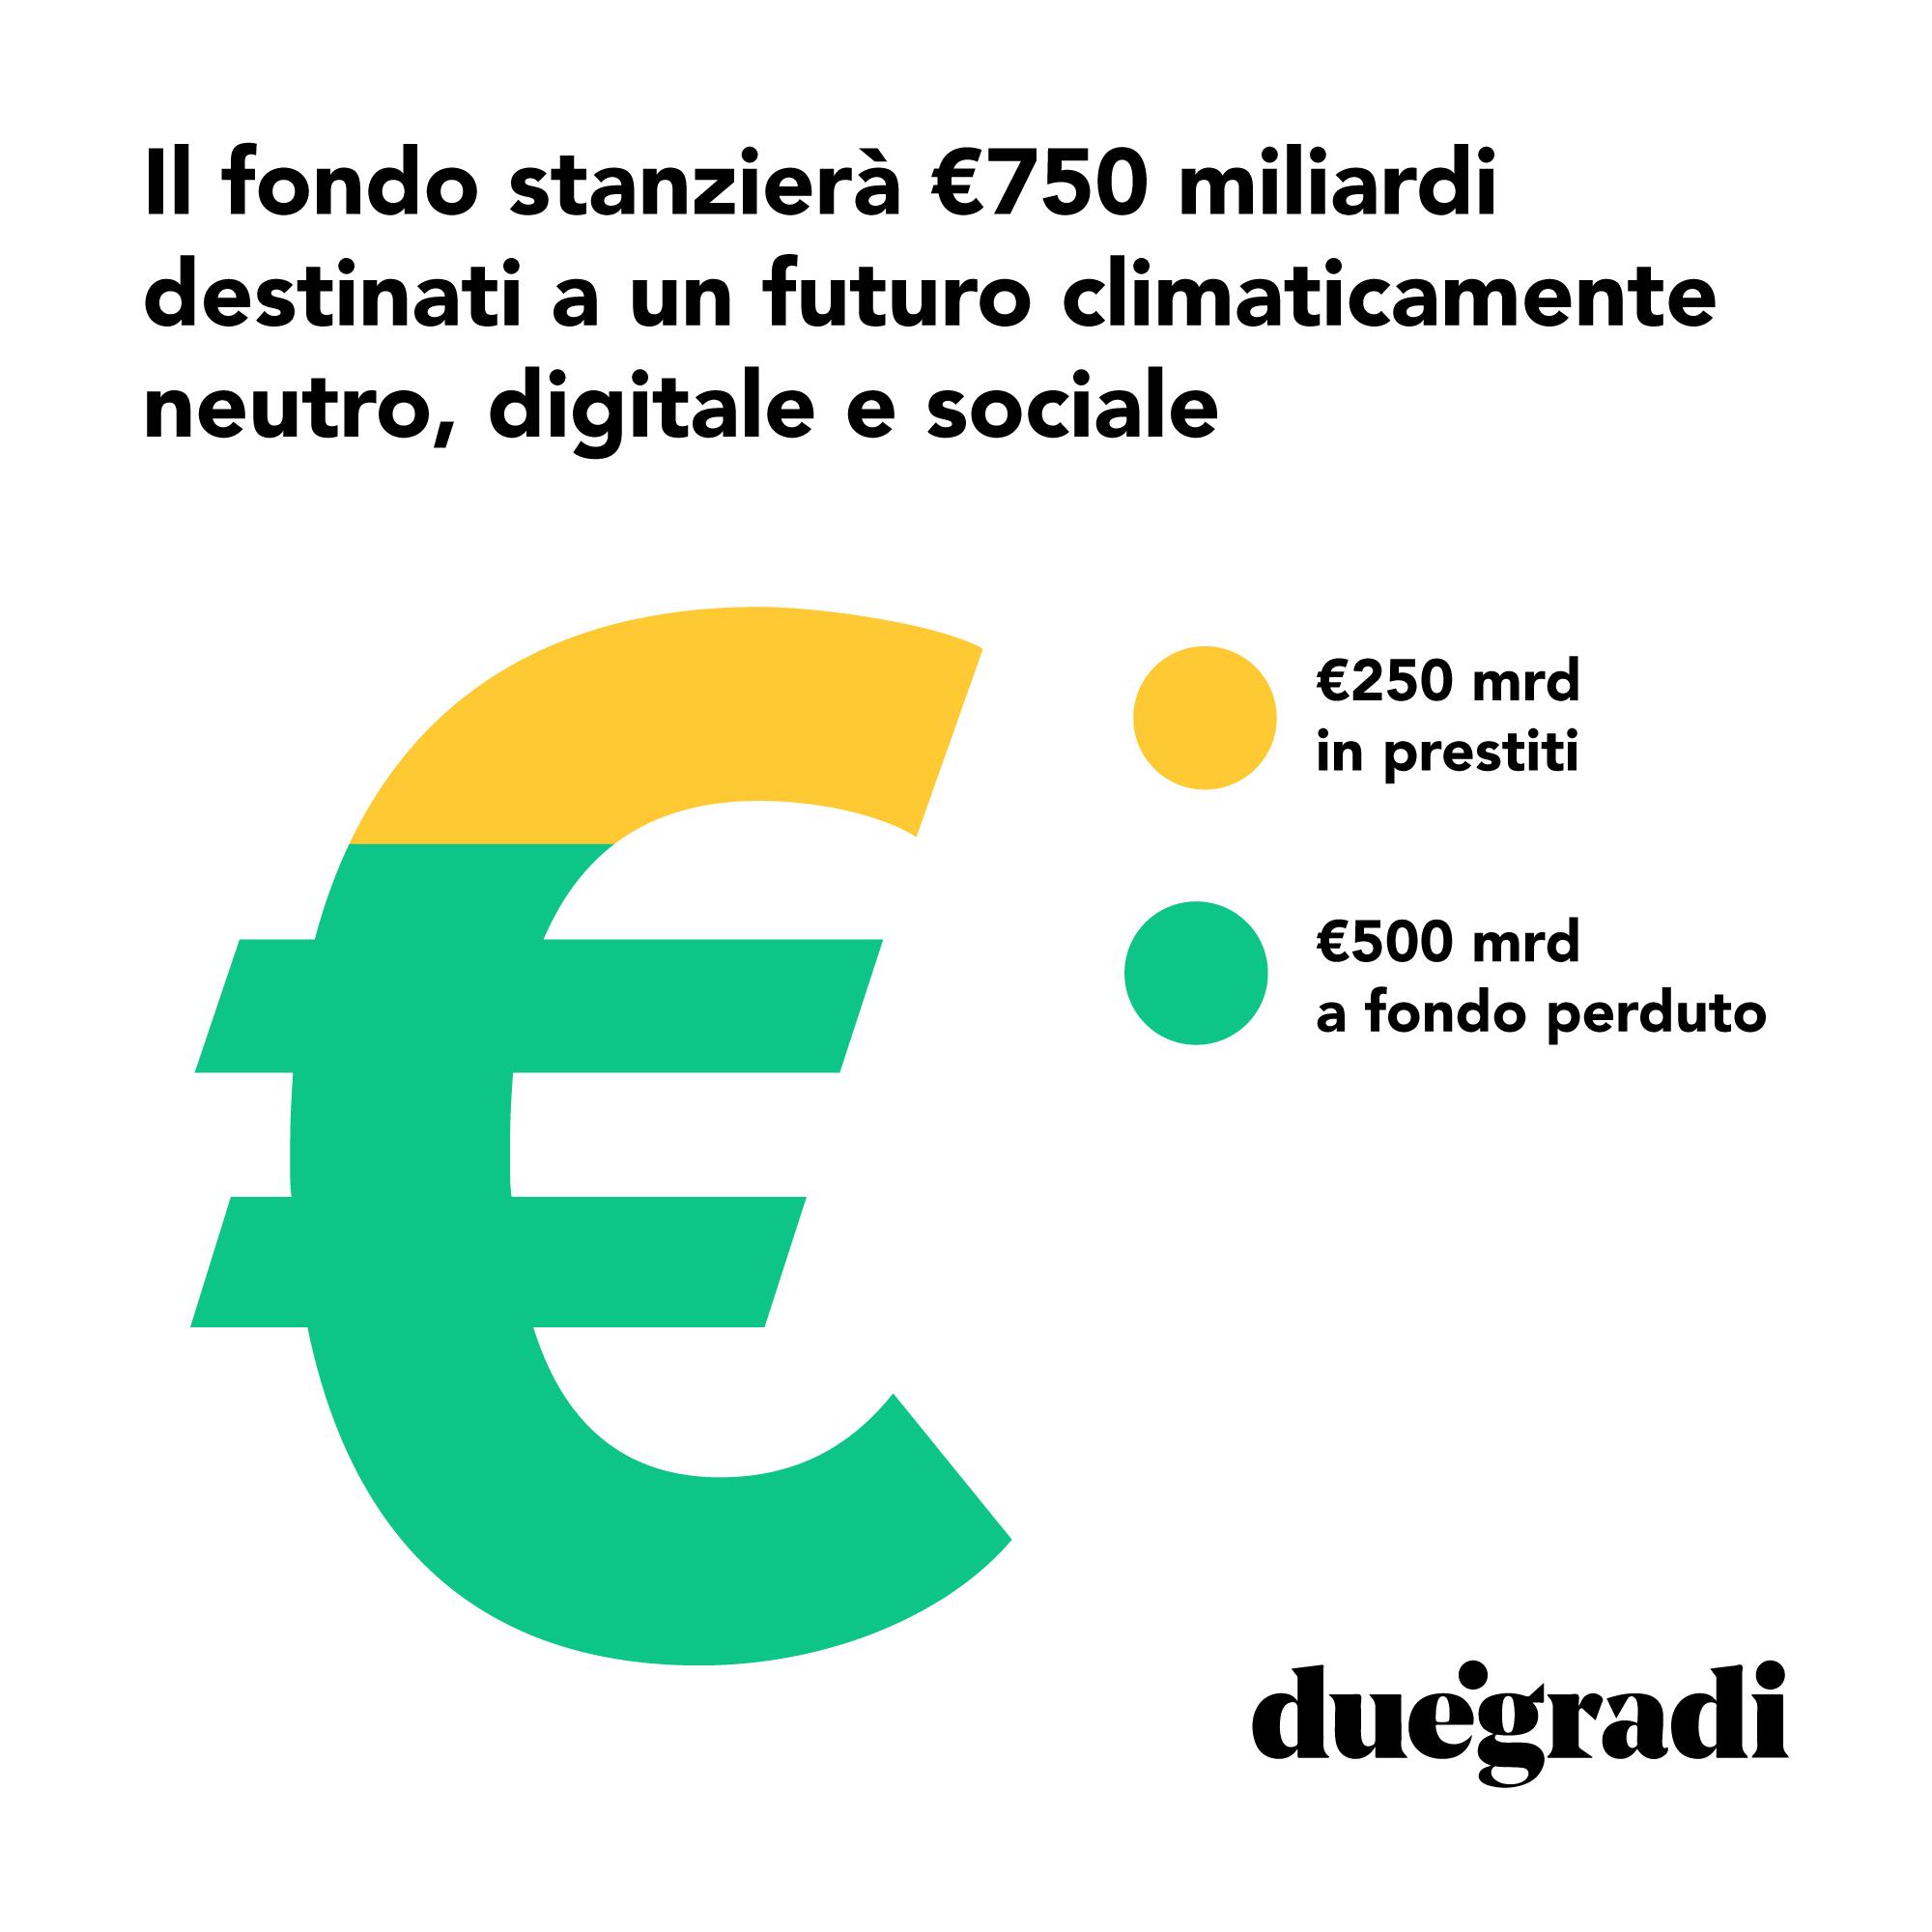 Il fondo stanzierà €750 miliardi destinati a un futuro climaticamente neutro, digitale e sociale